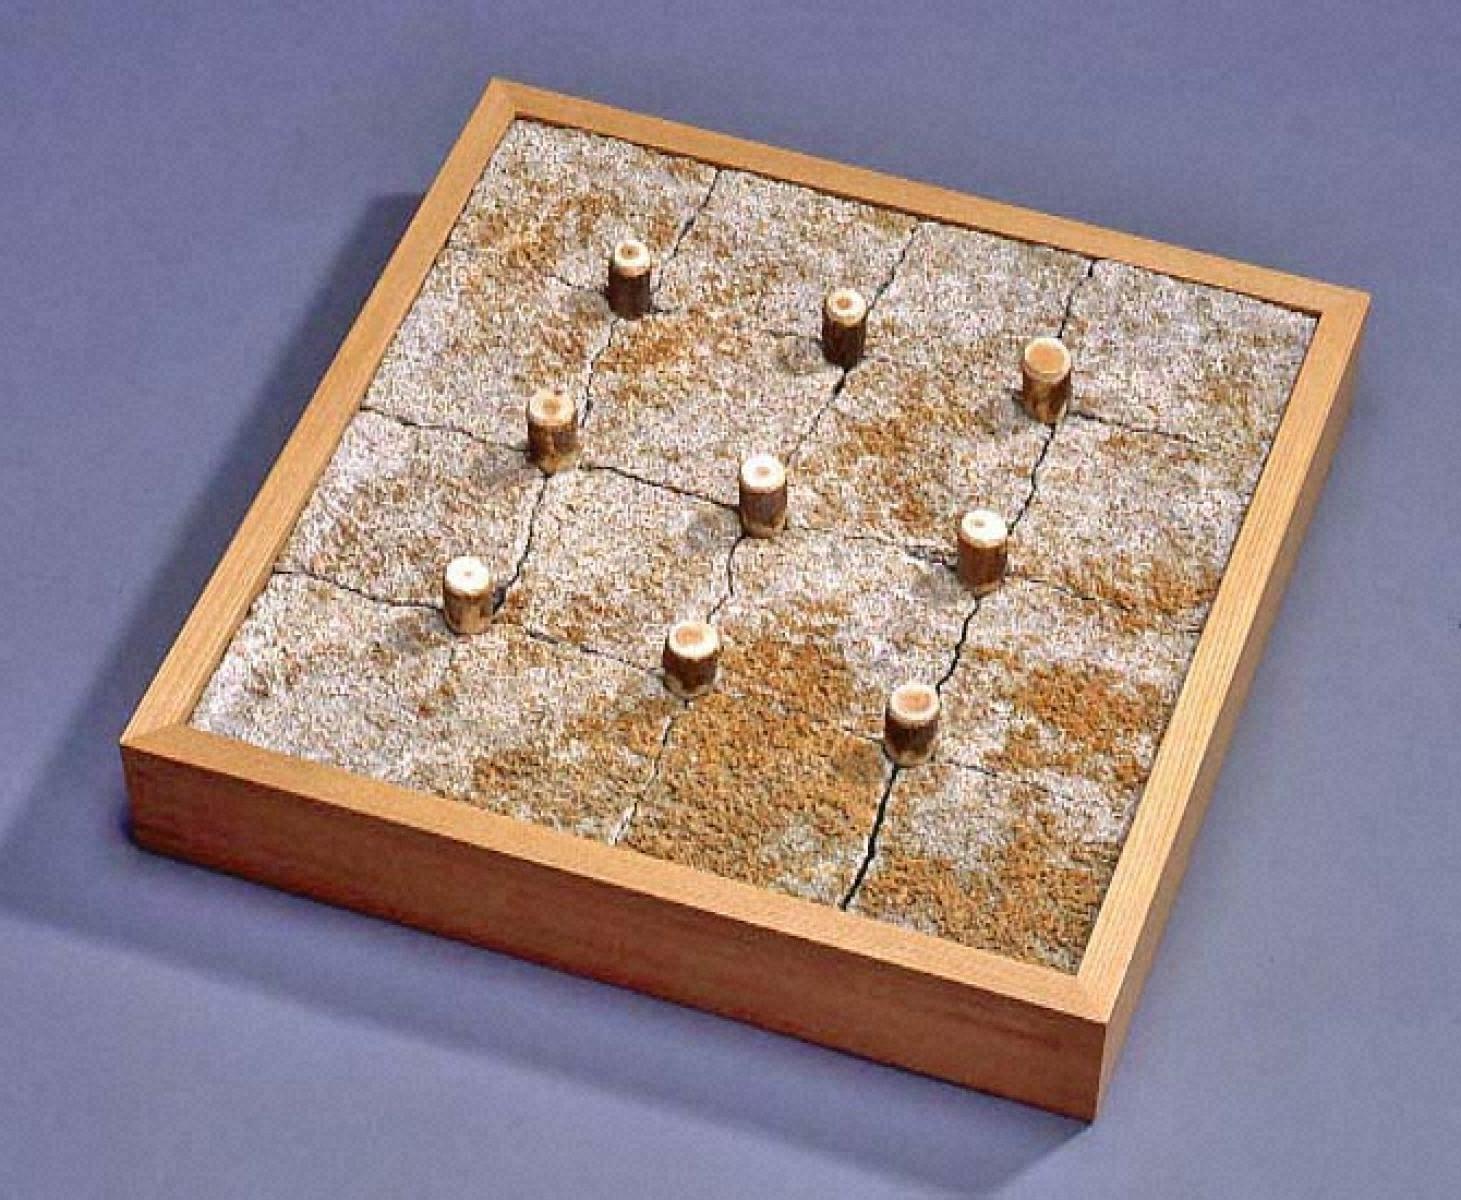 九本の杭による正方形